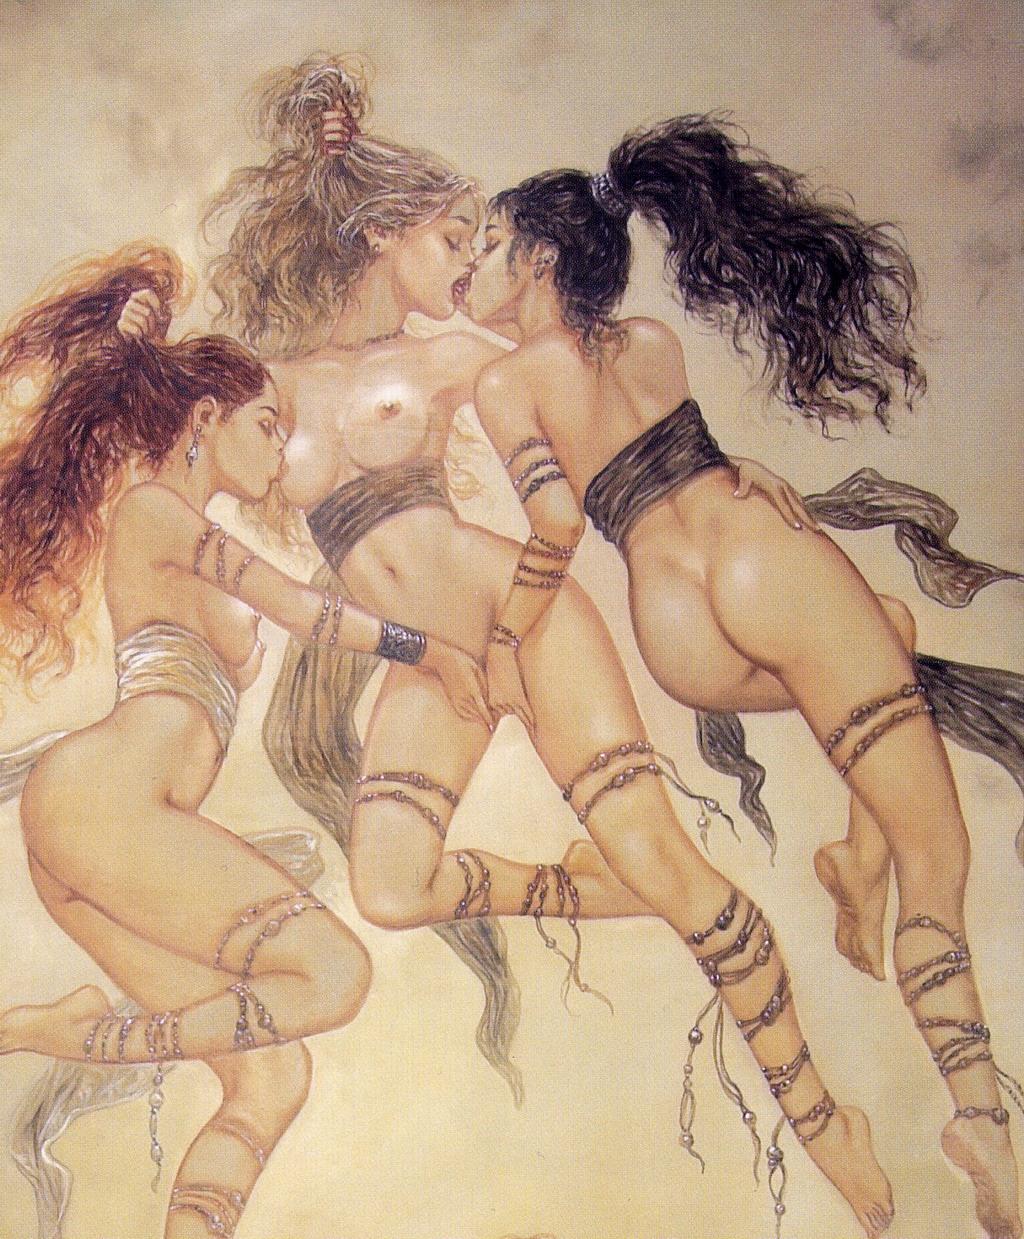 Думаю, секс древнего мира